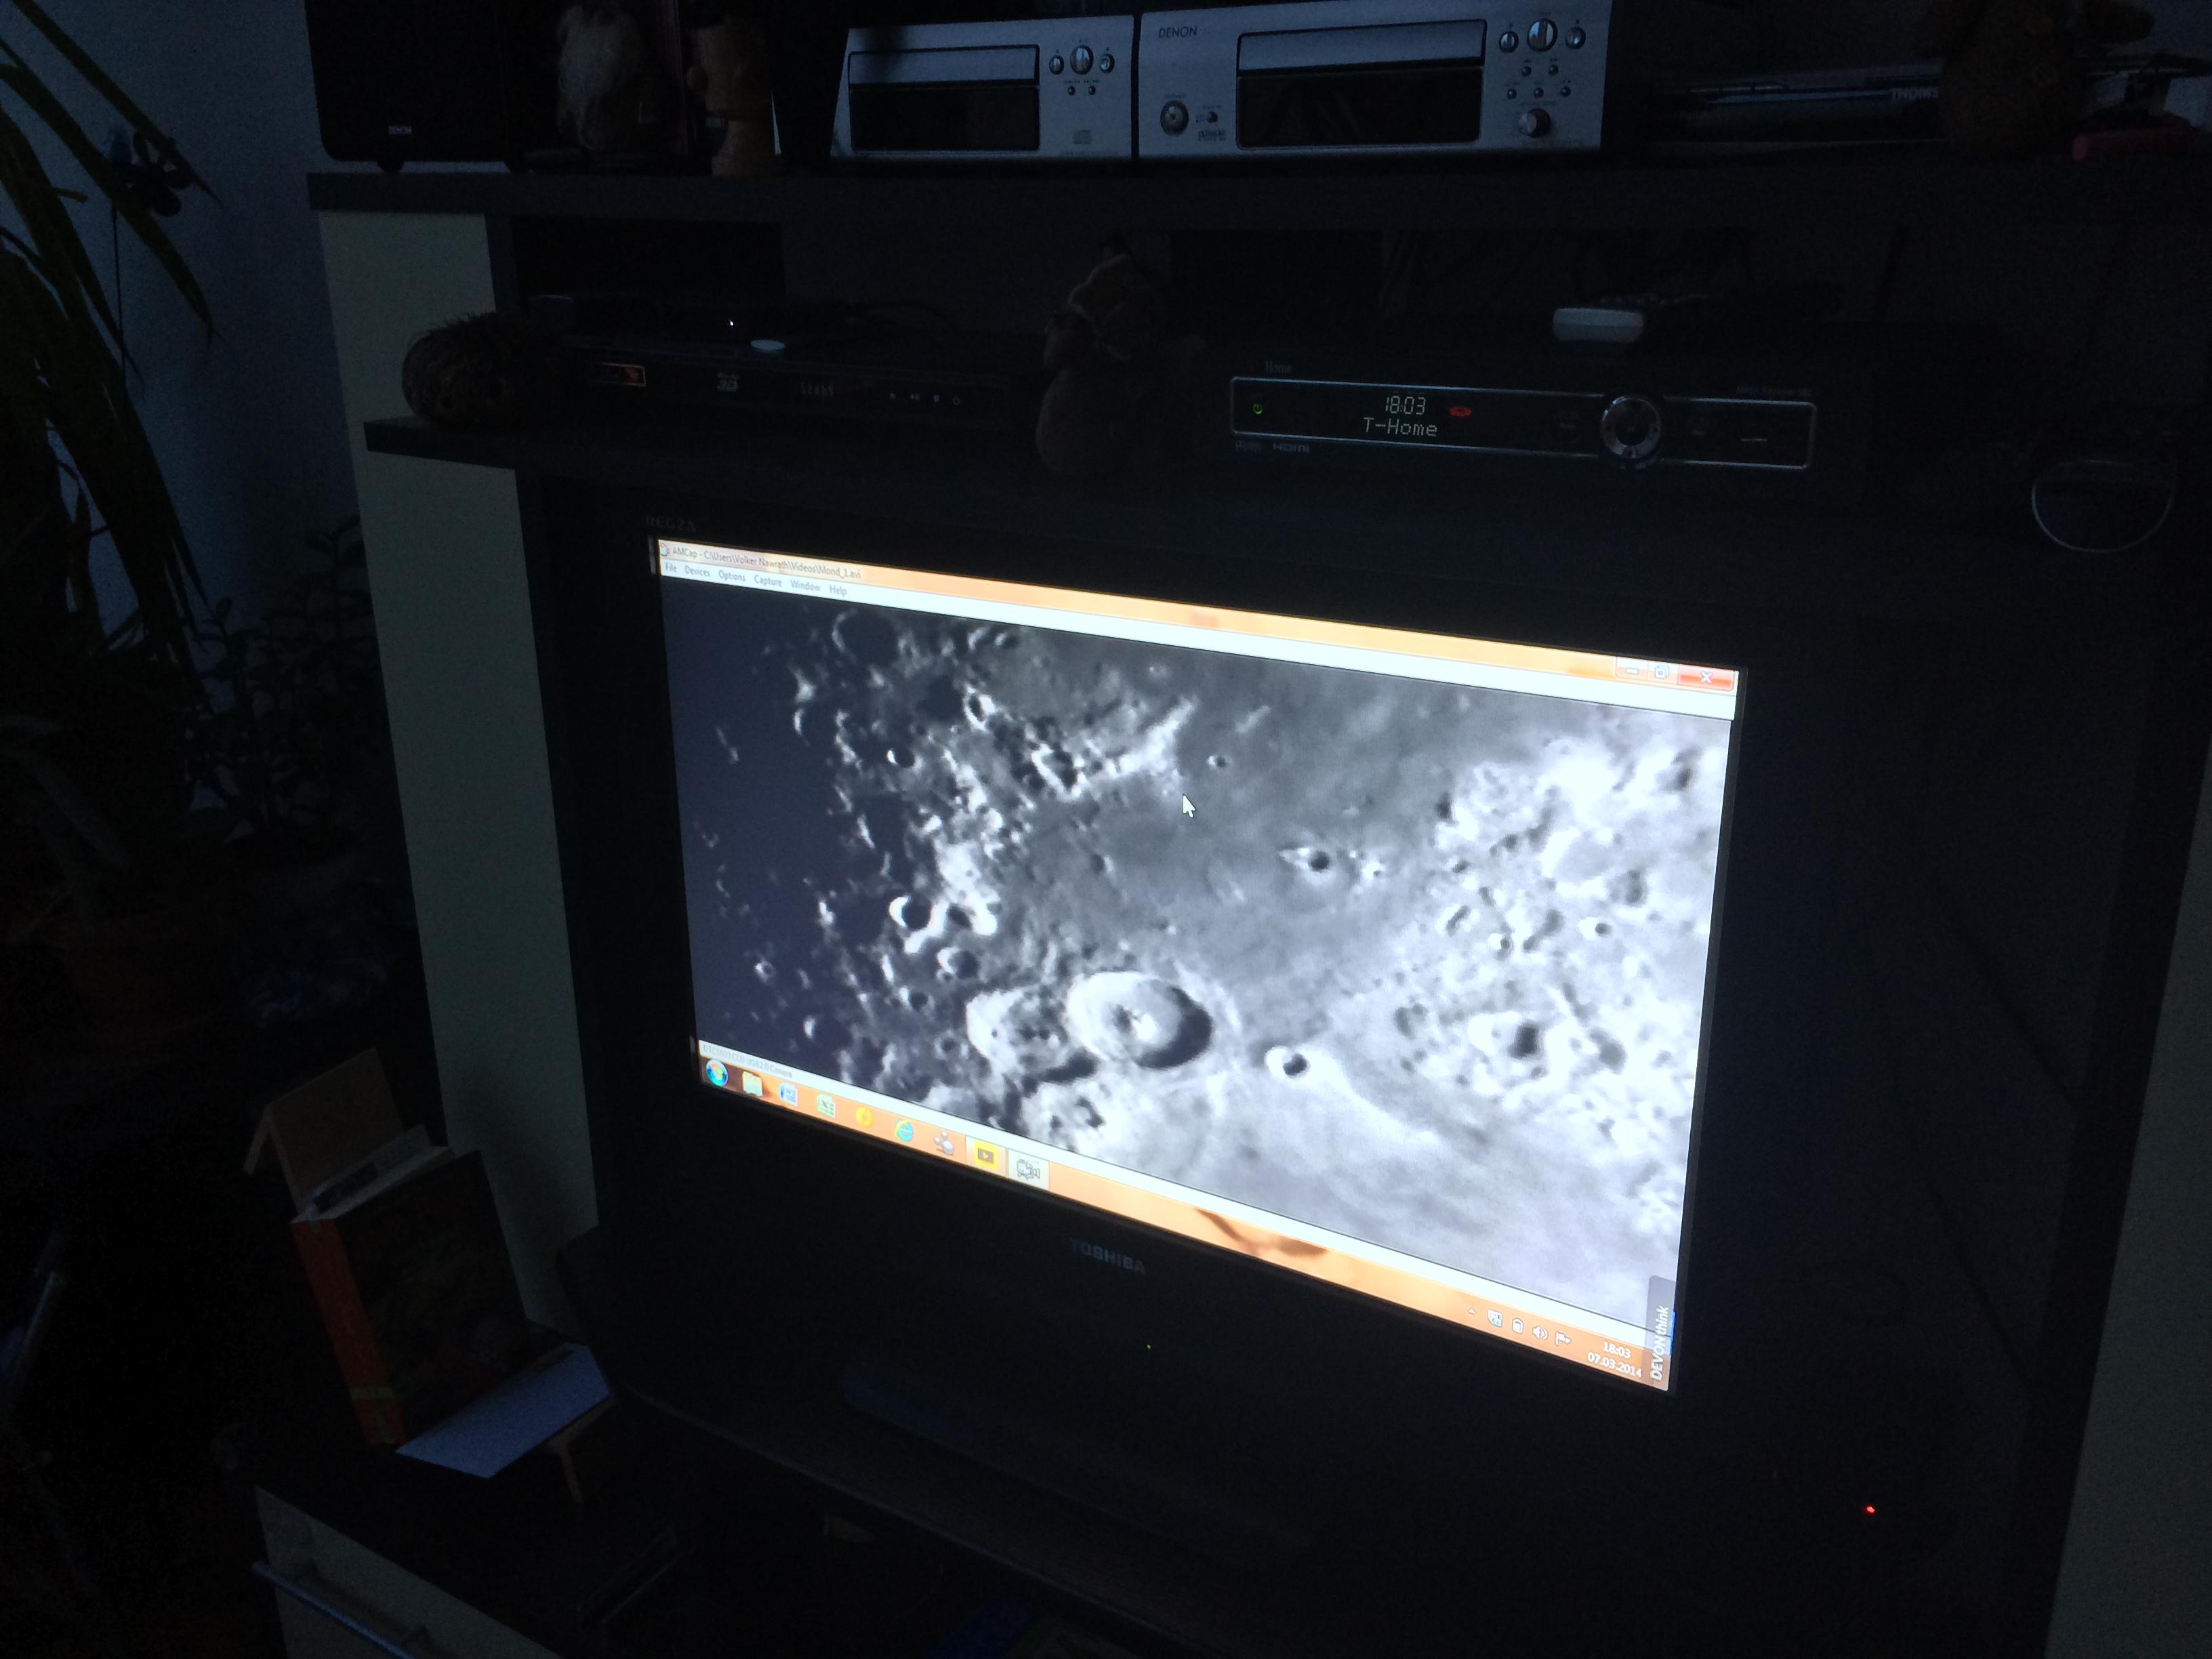 Steuerung von celestron teleskopen mit ipad iphone und skyq link